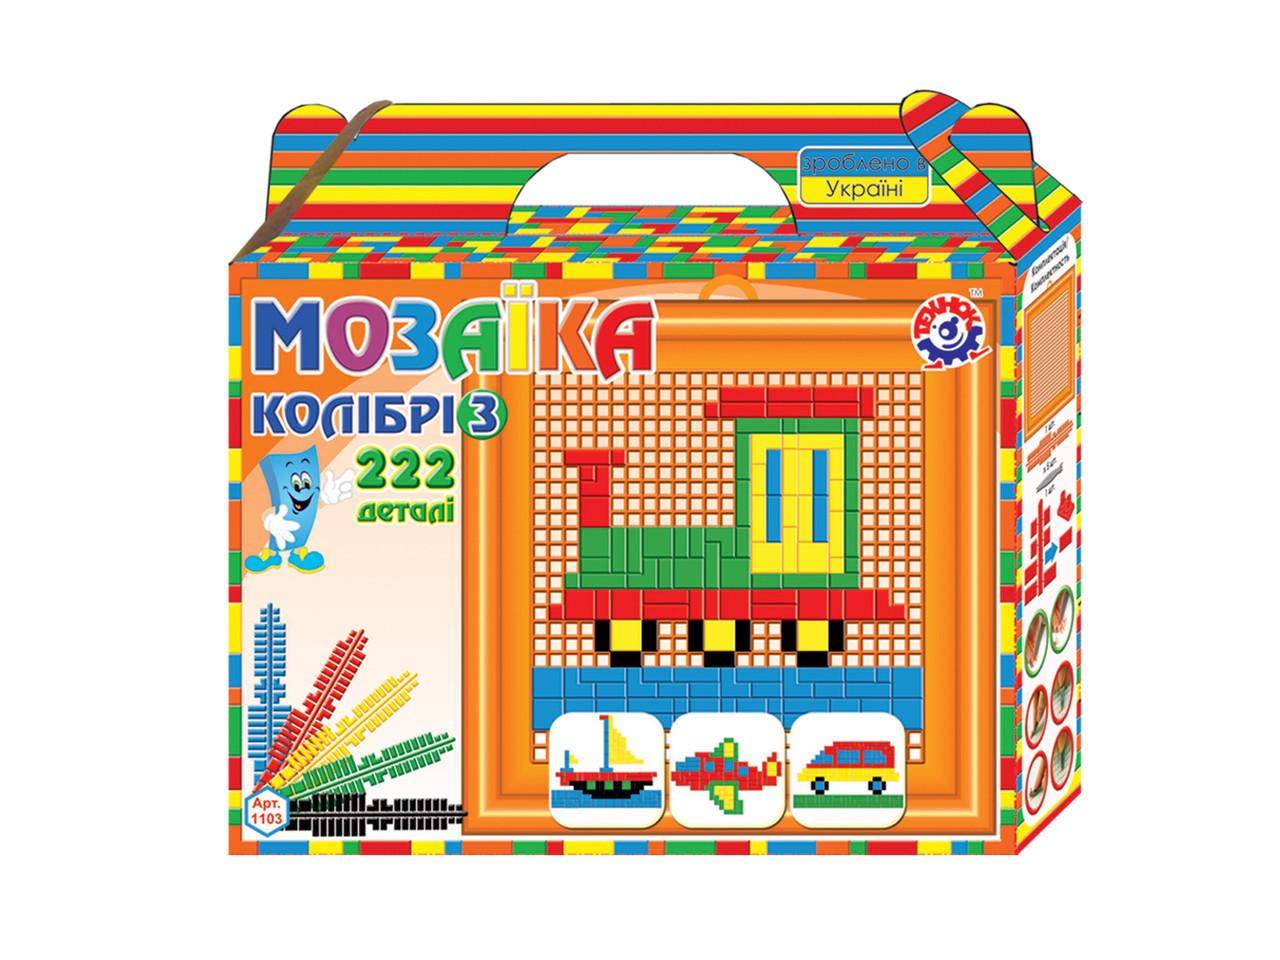 Іграшка мозаїка Колібрі 3 ТехноК, арт 1103